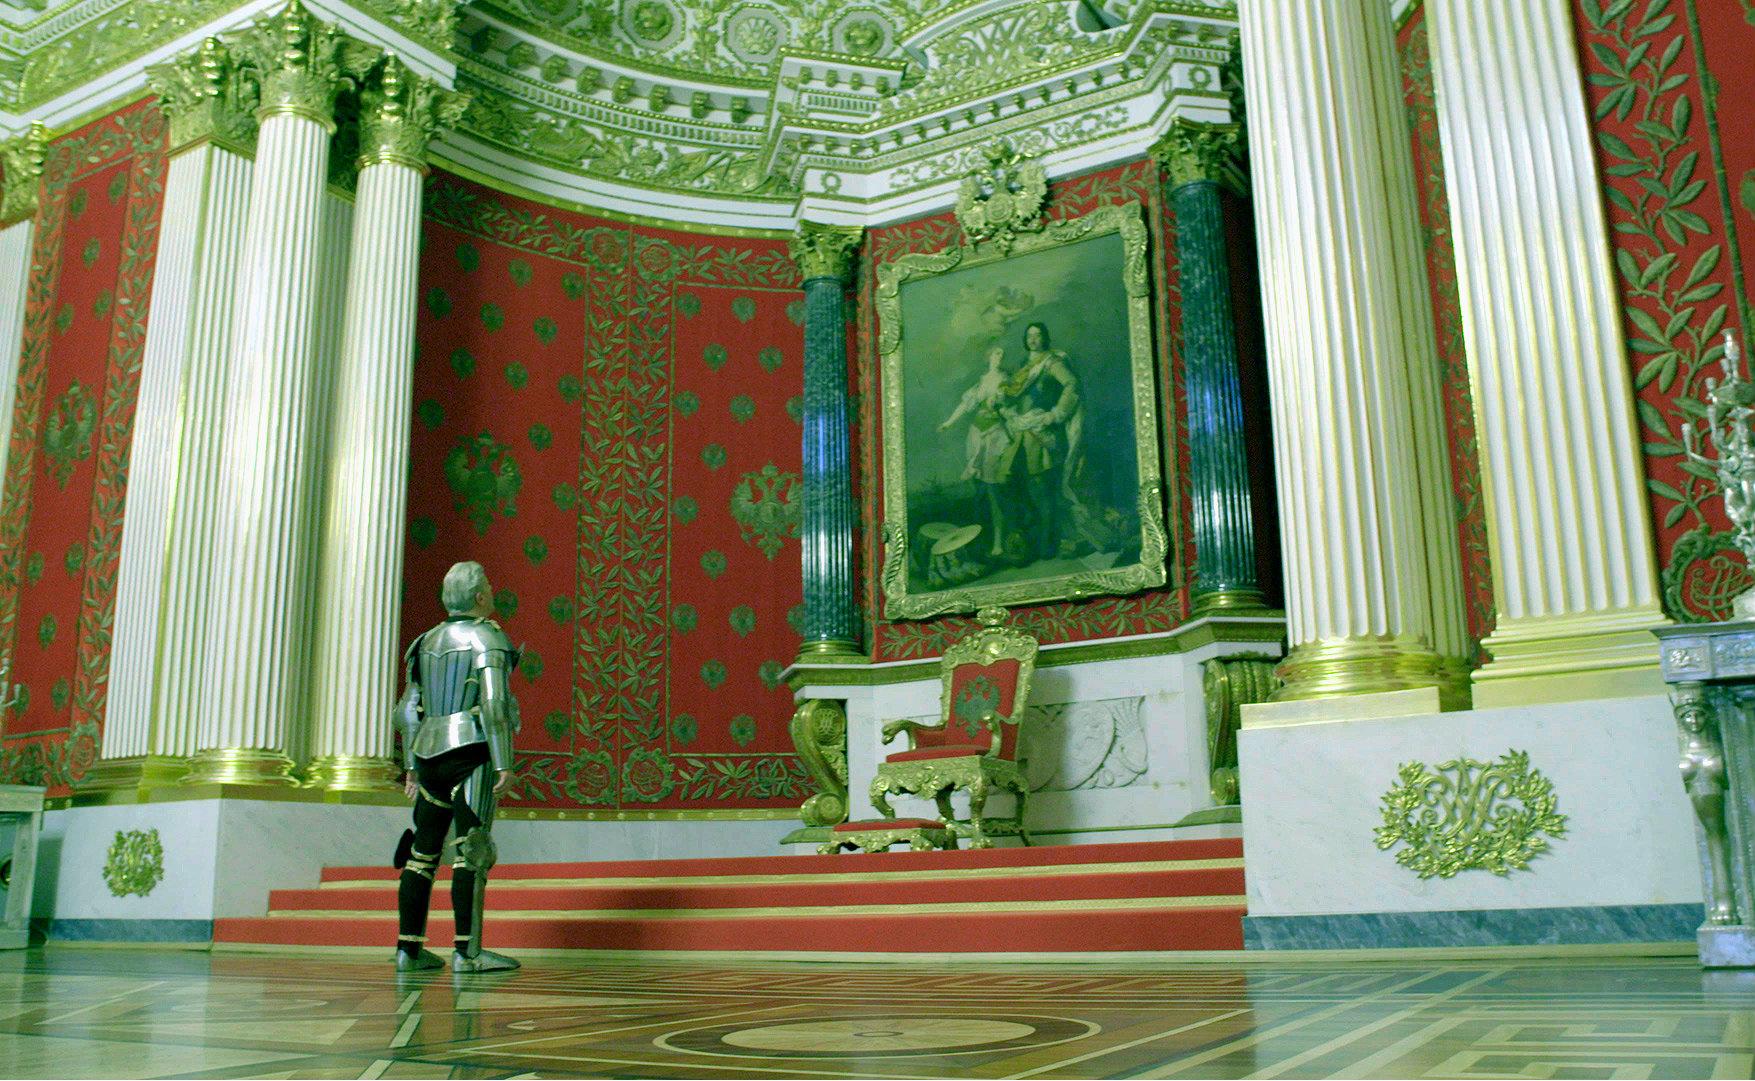 Выставка «Ян Фабр: Рыцарь отчаяния – воин красоты» в Государственном Эрмитаже. Фото: Kuda-spb.ru